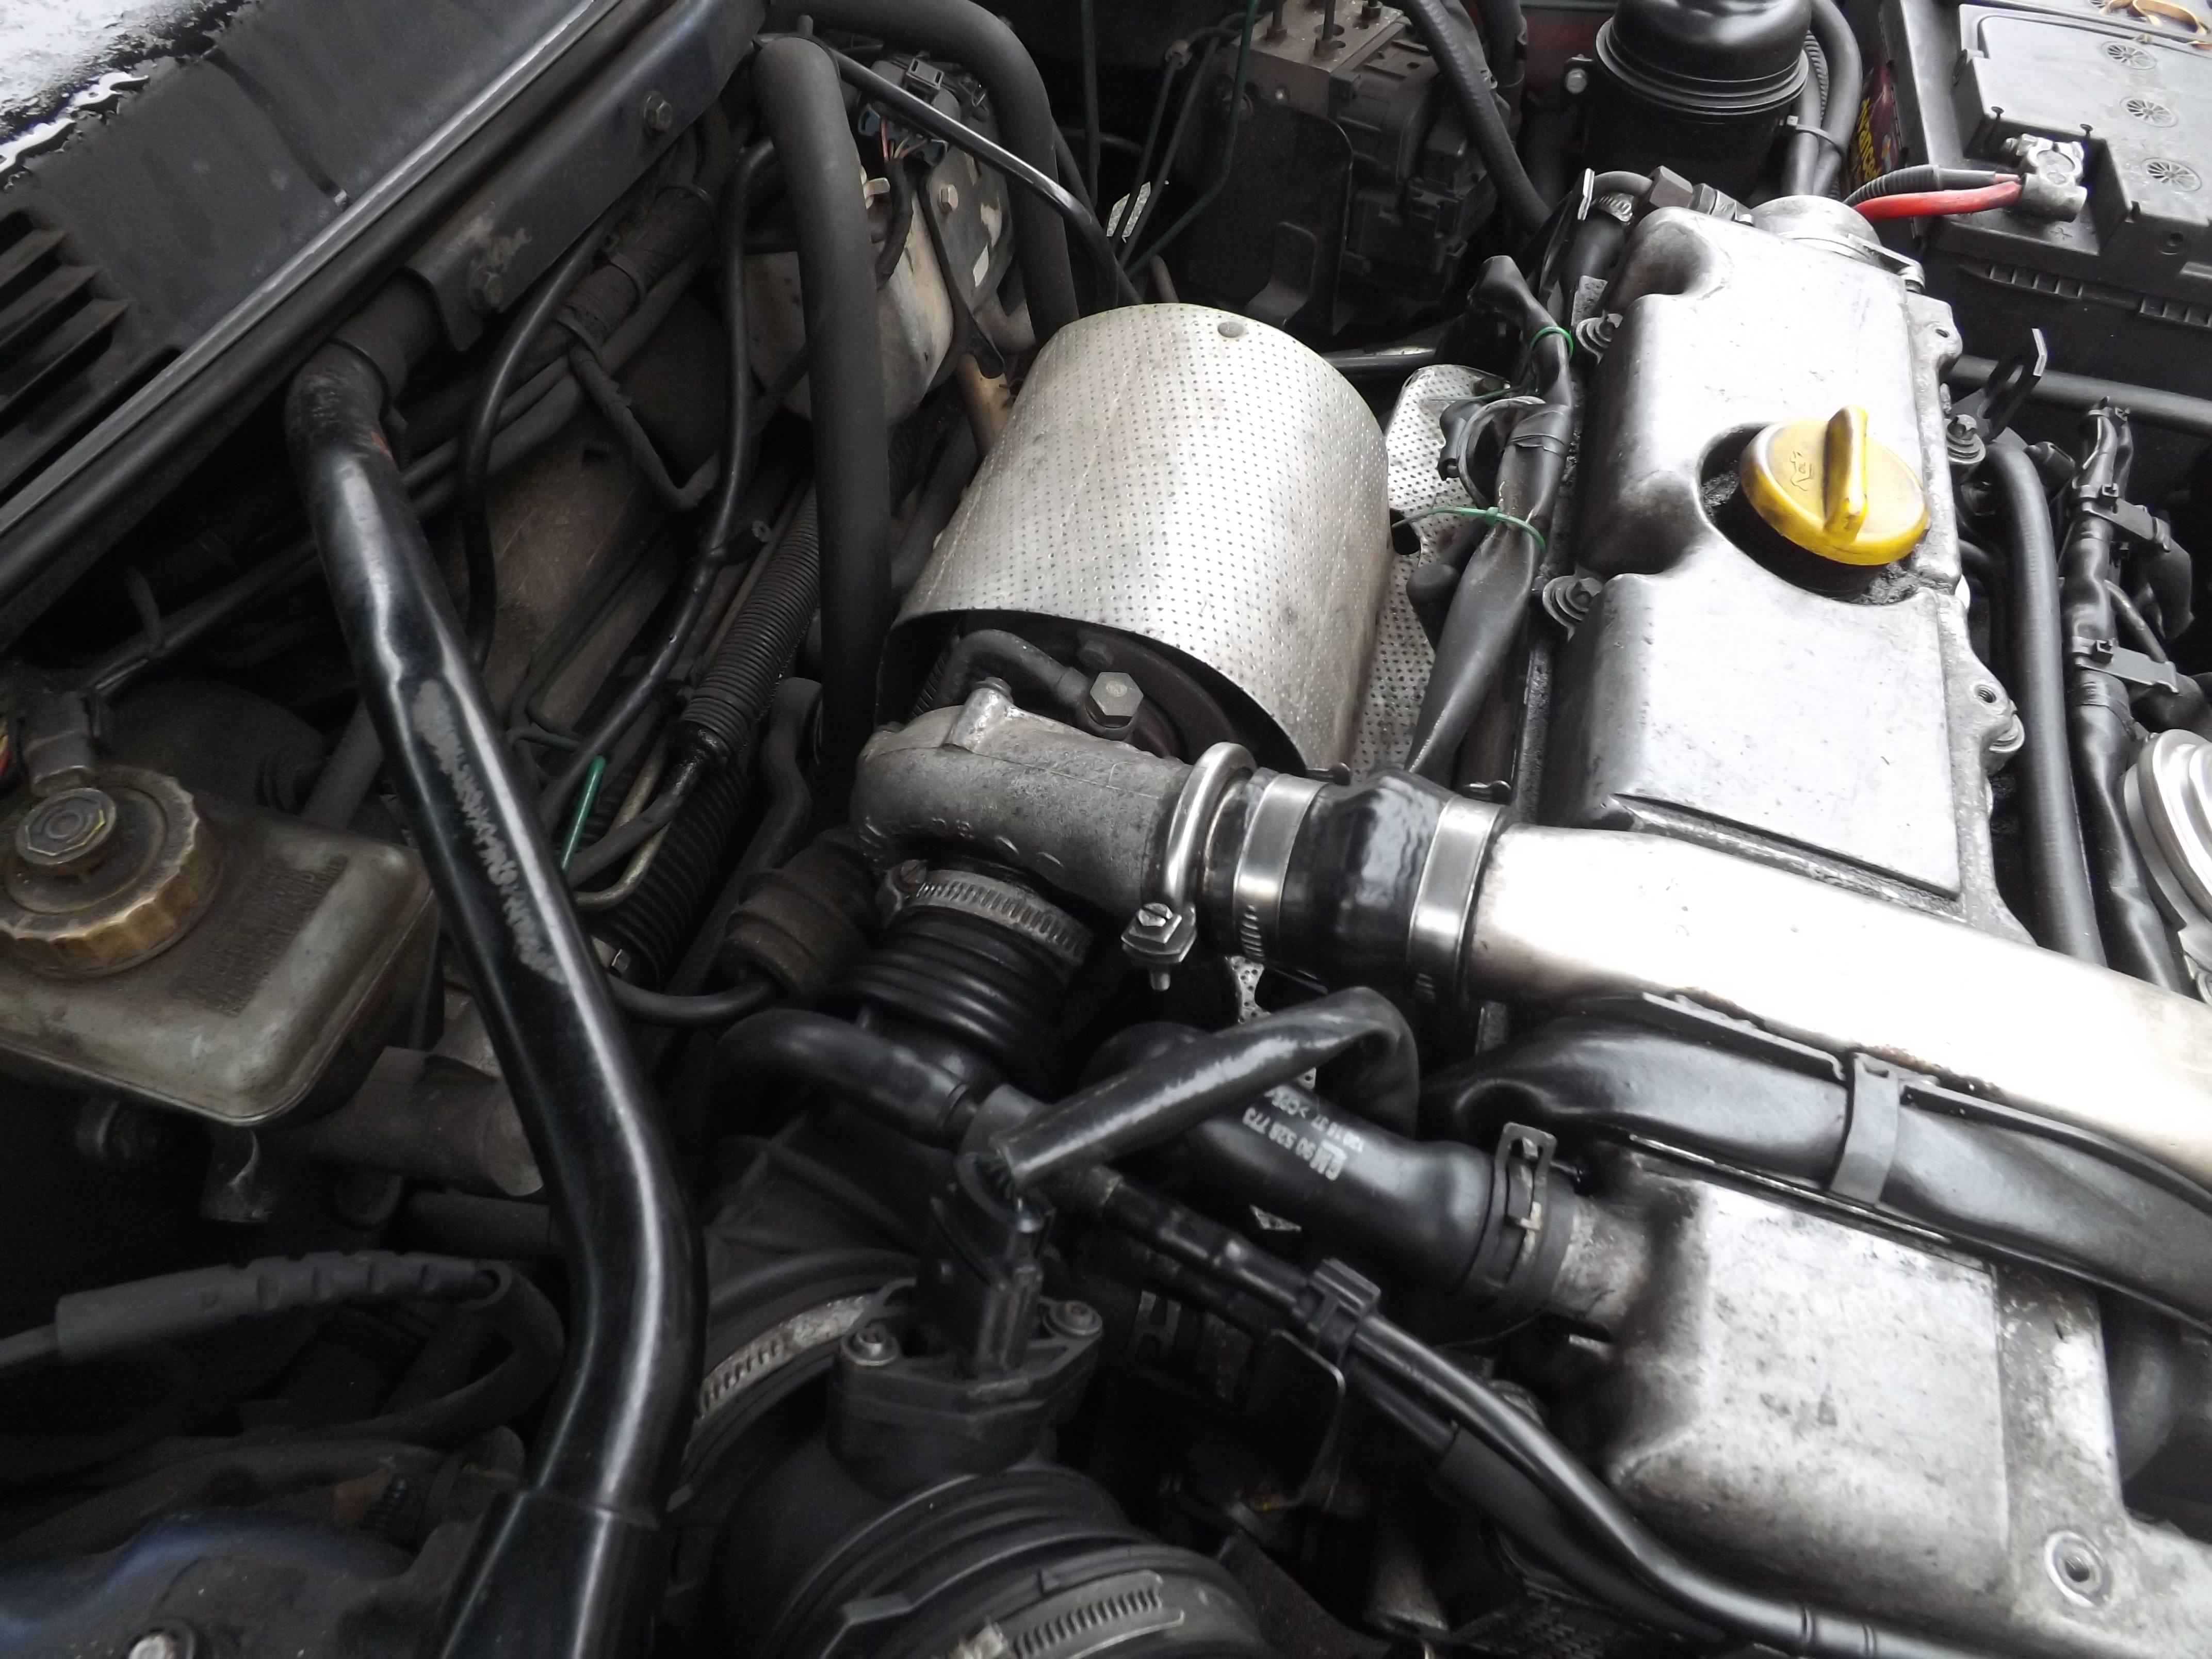 UKSaabs • View topic - 2000/01 X-reg 9-3 2.2 tid diesel. Changing ...